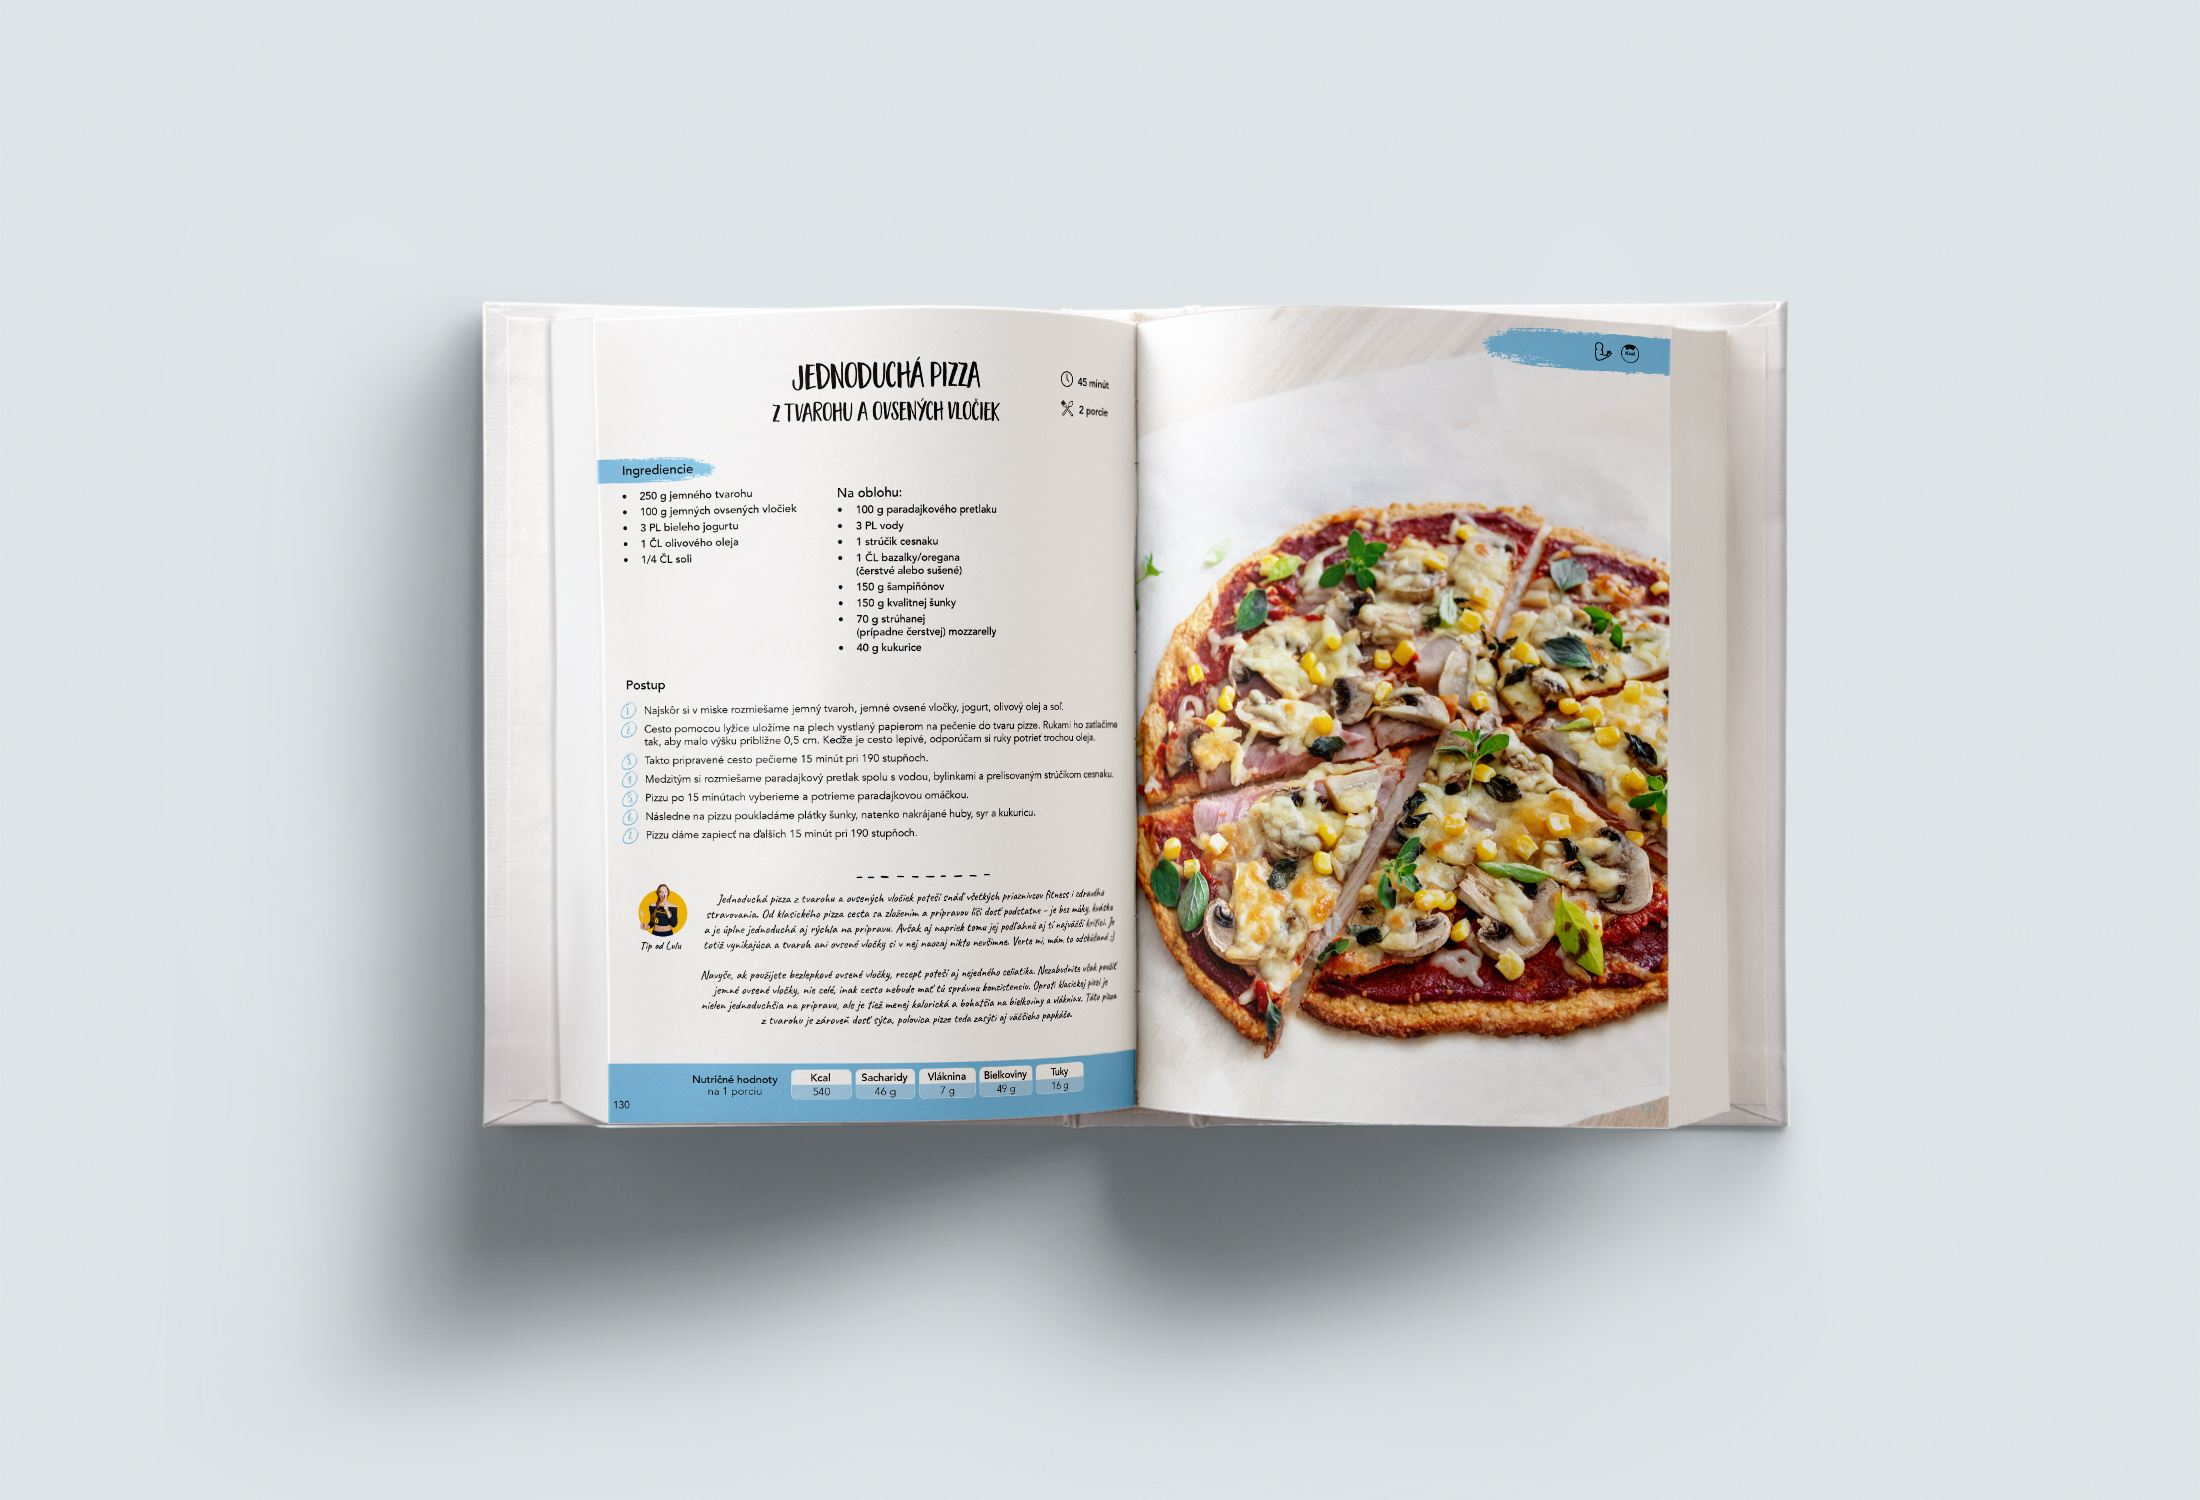 kniha fit recepty - obedy a večere - ukážka 2